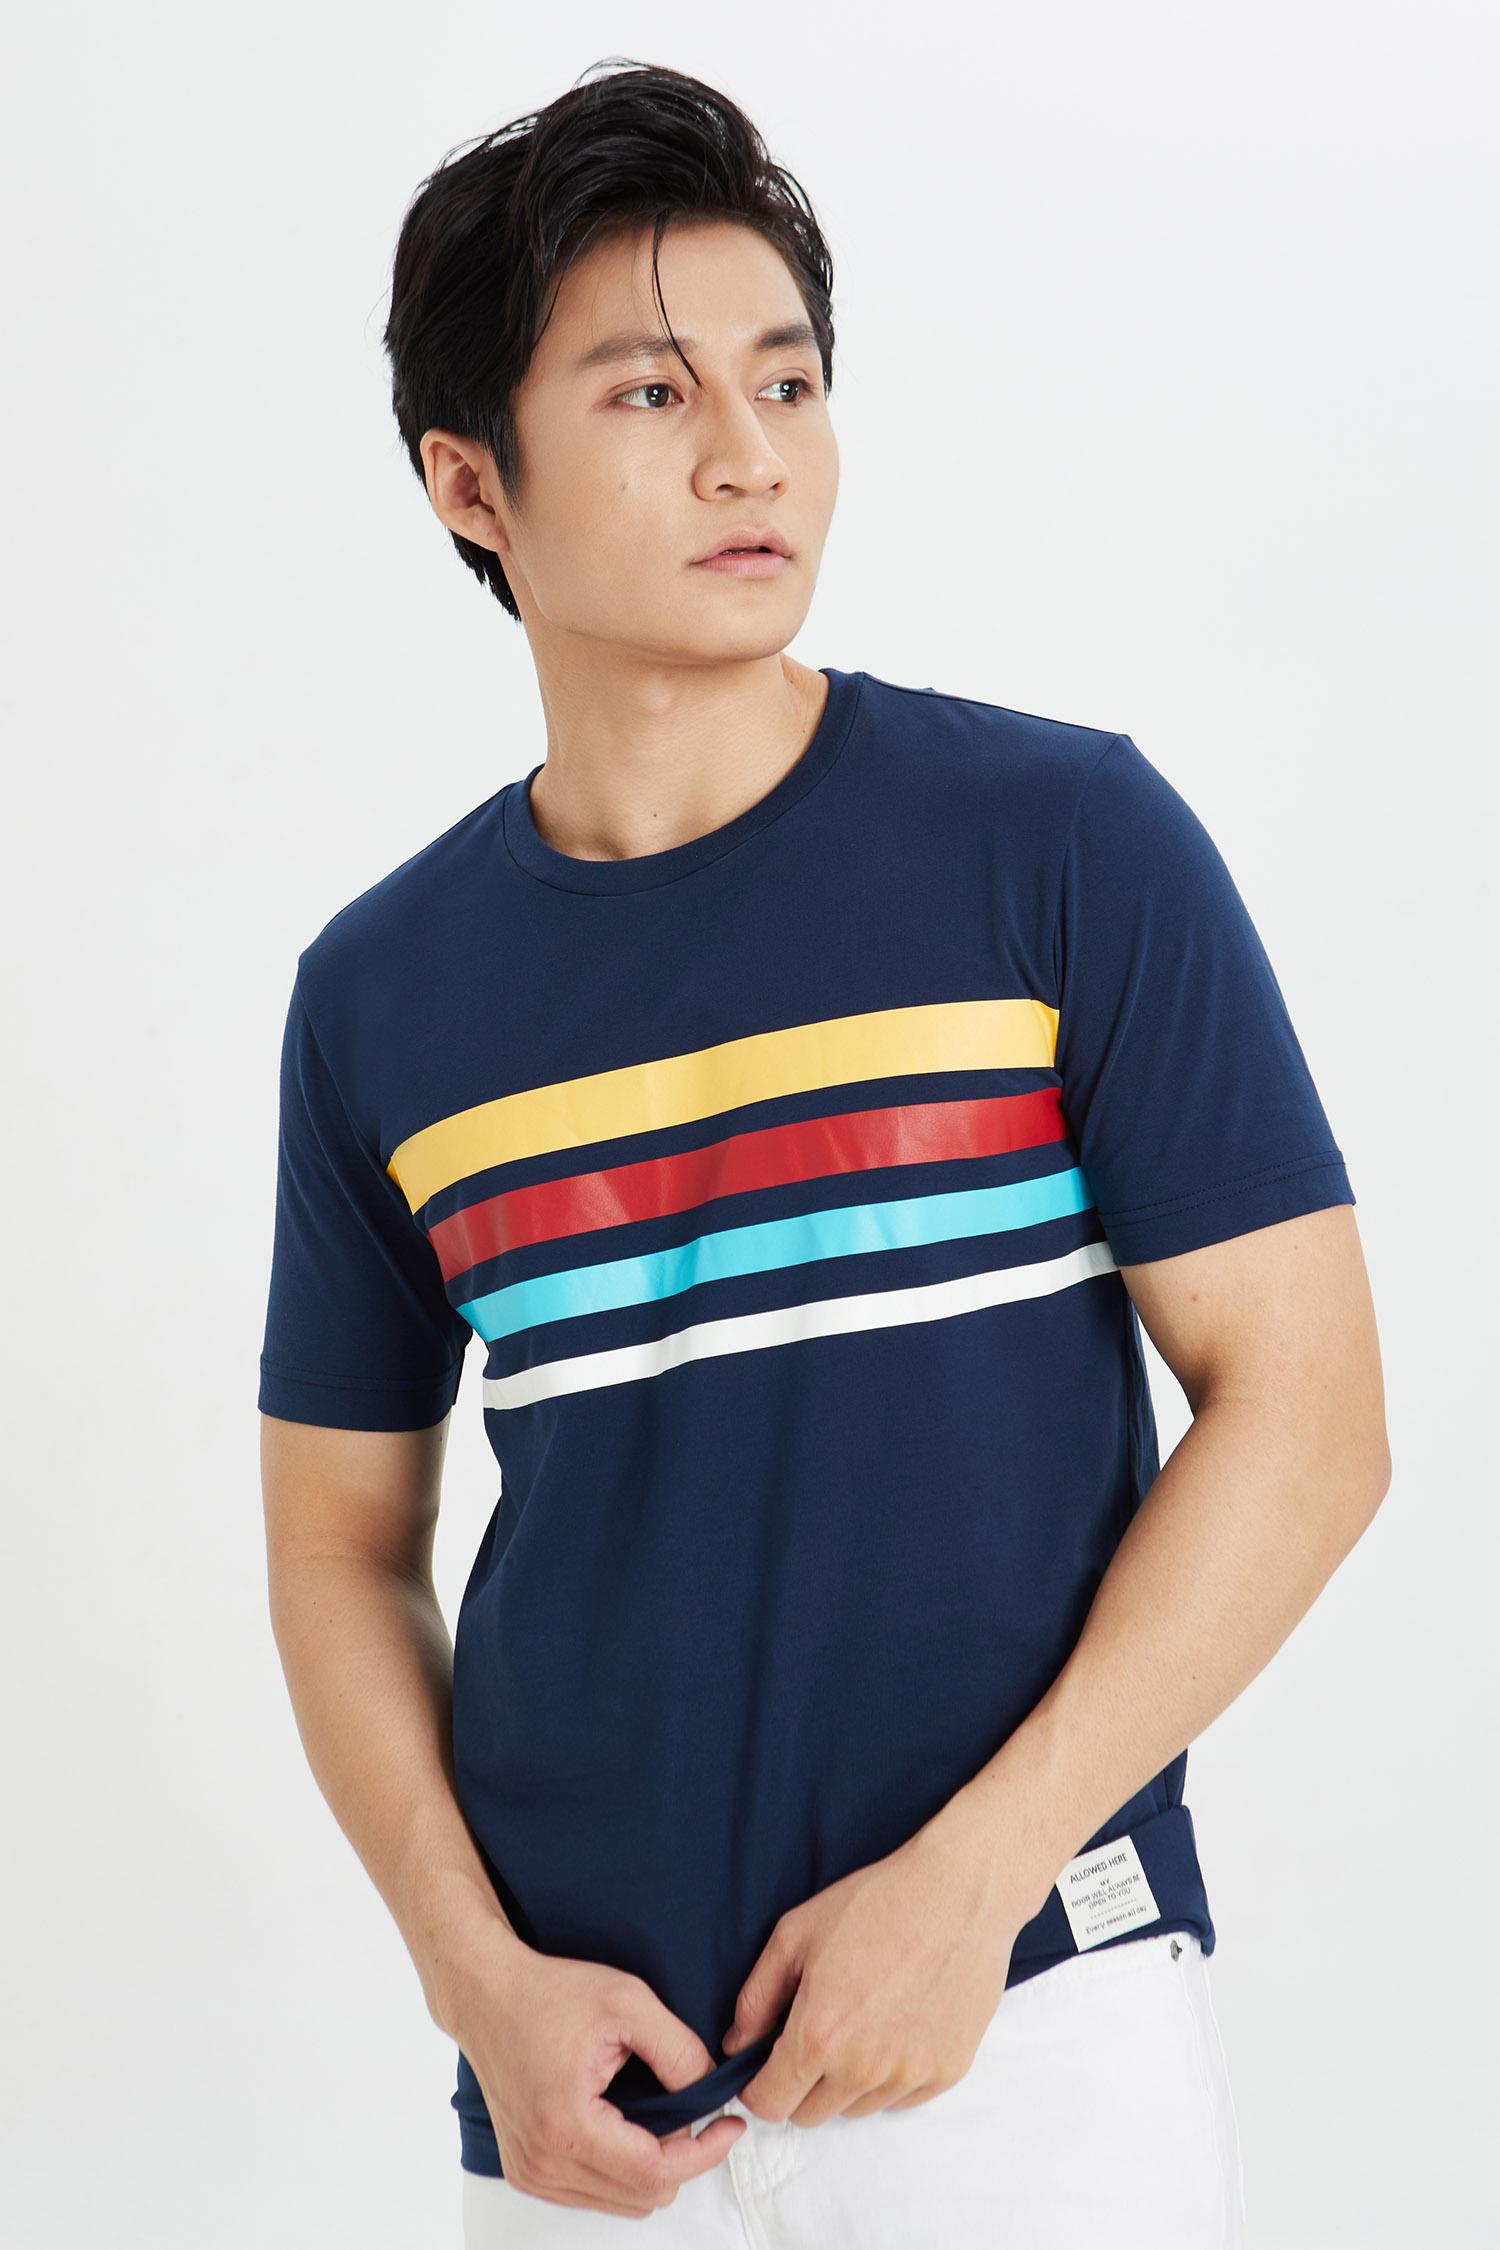 áo thun nam tay ngắn - 2007011